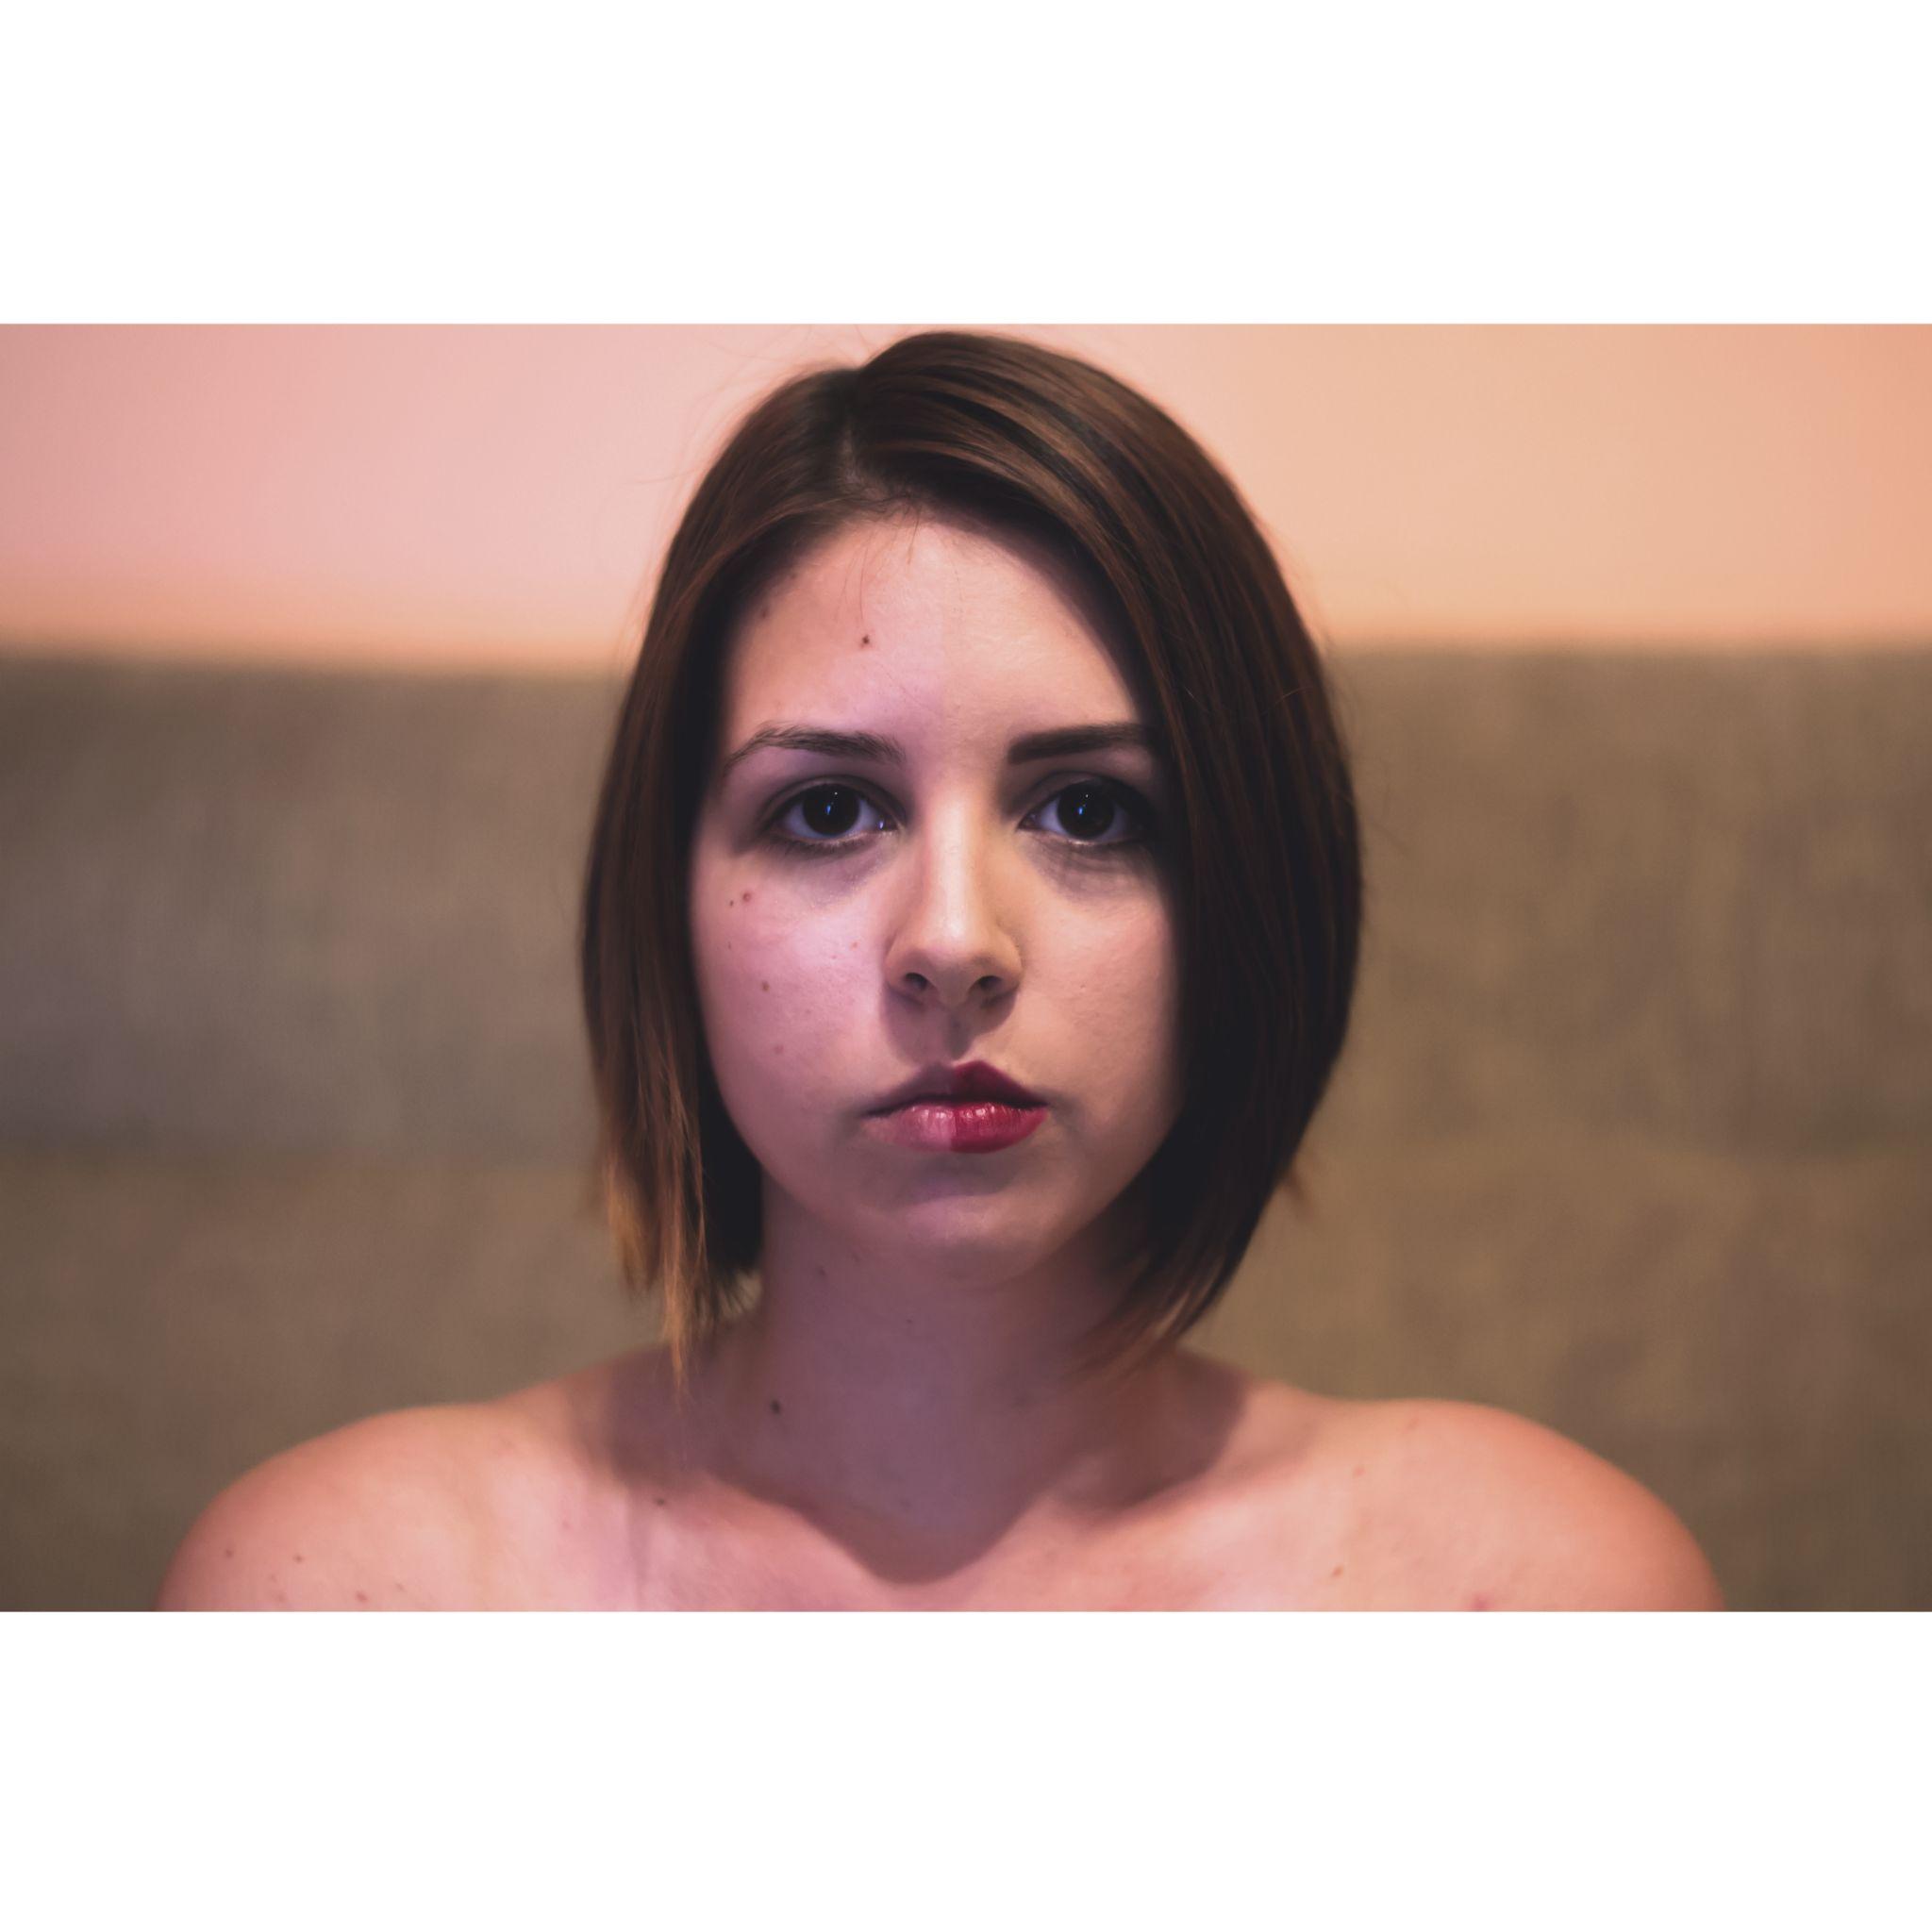 1/2 by KatarinaRadjenovic